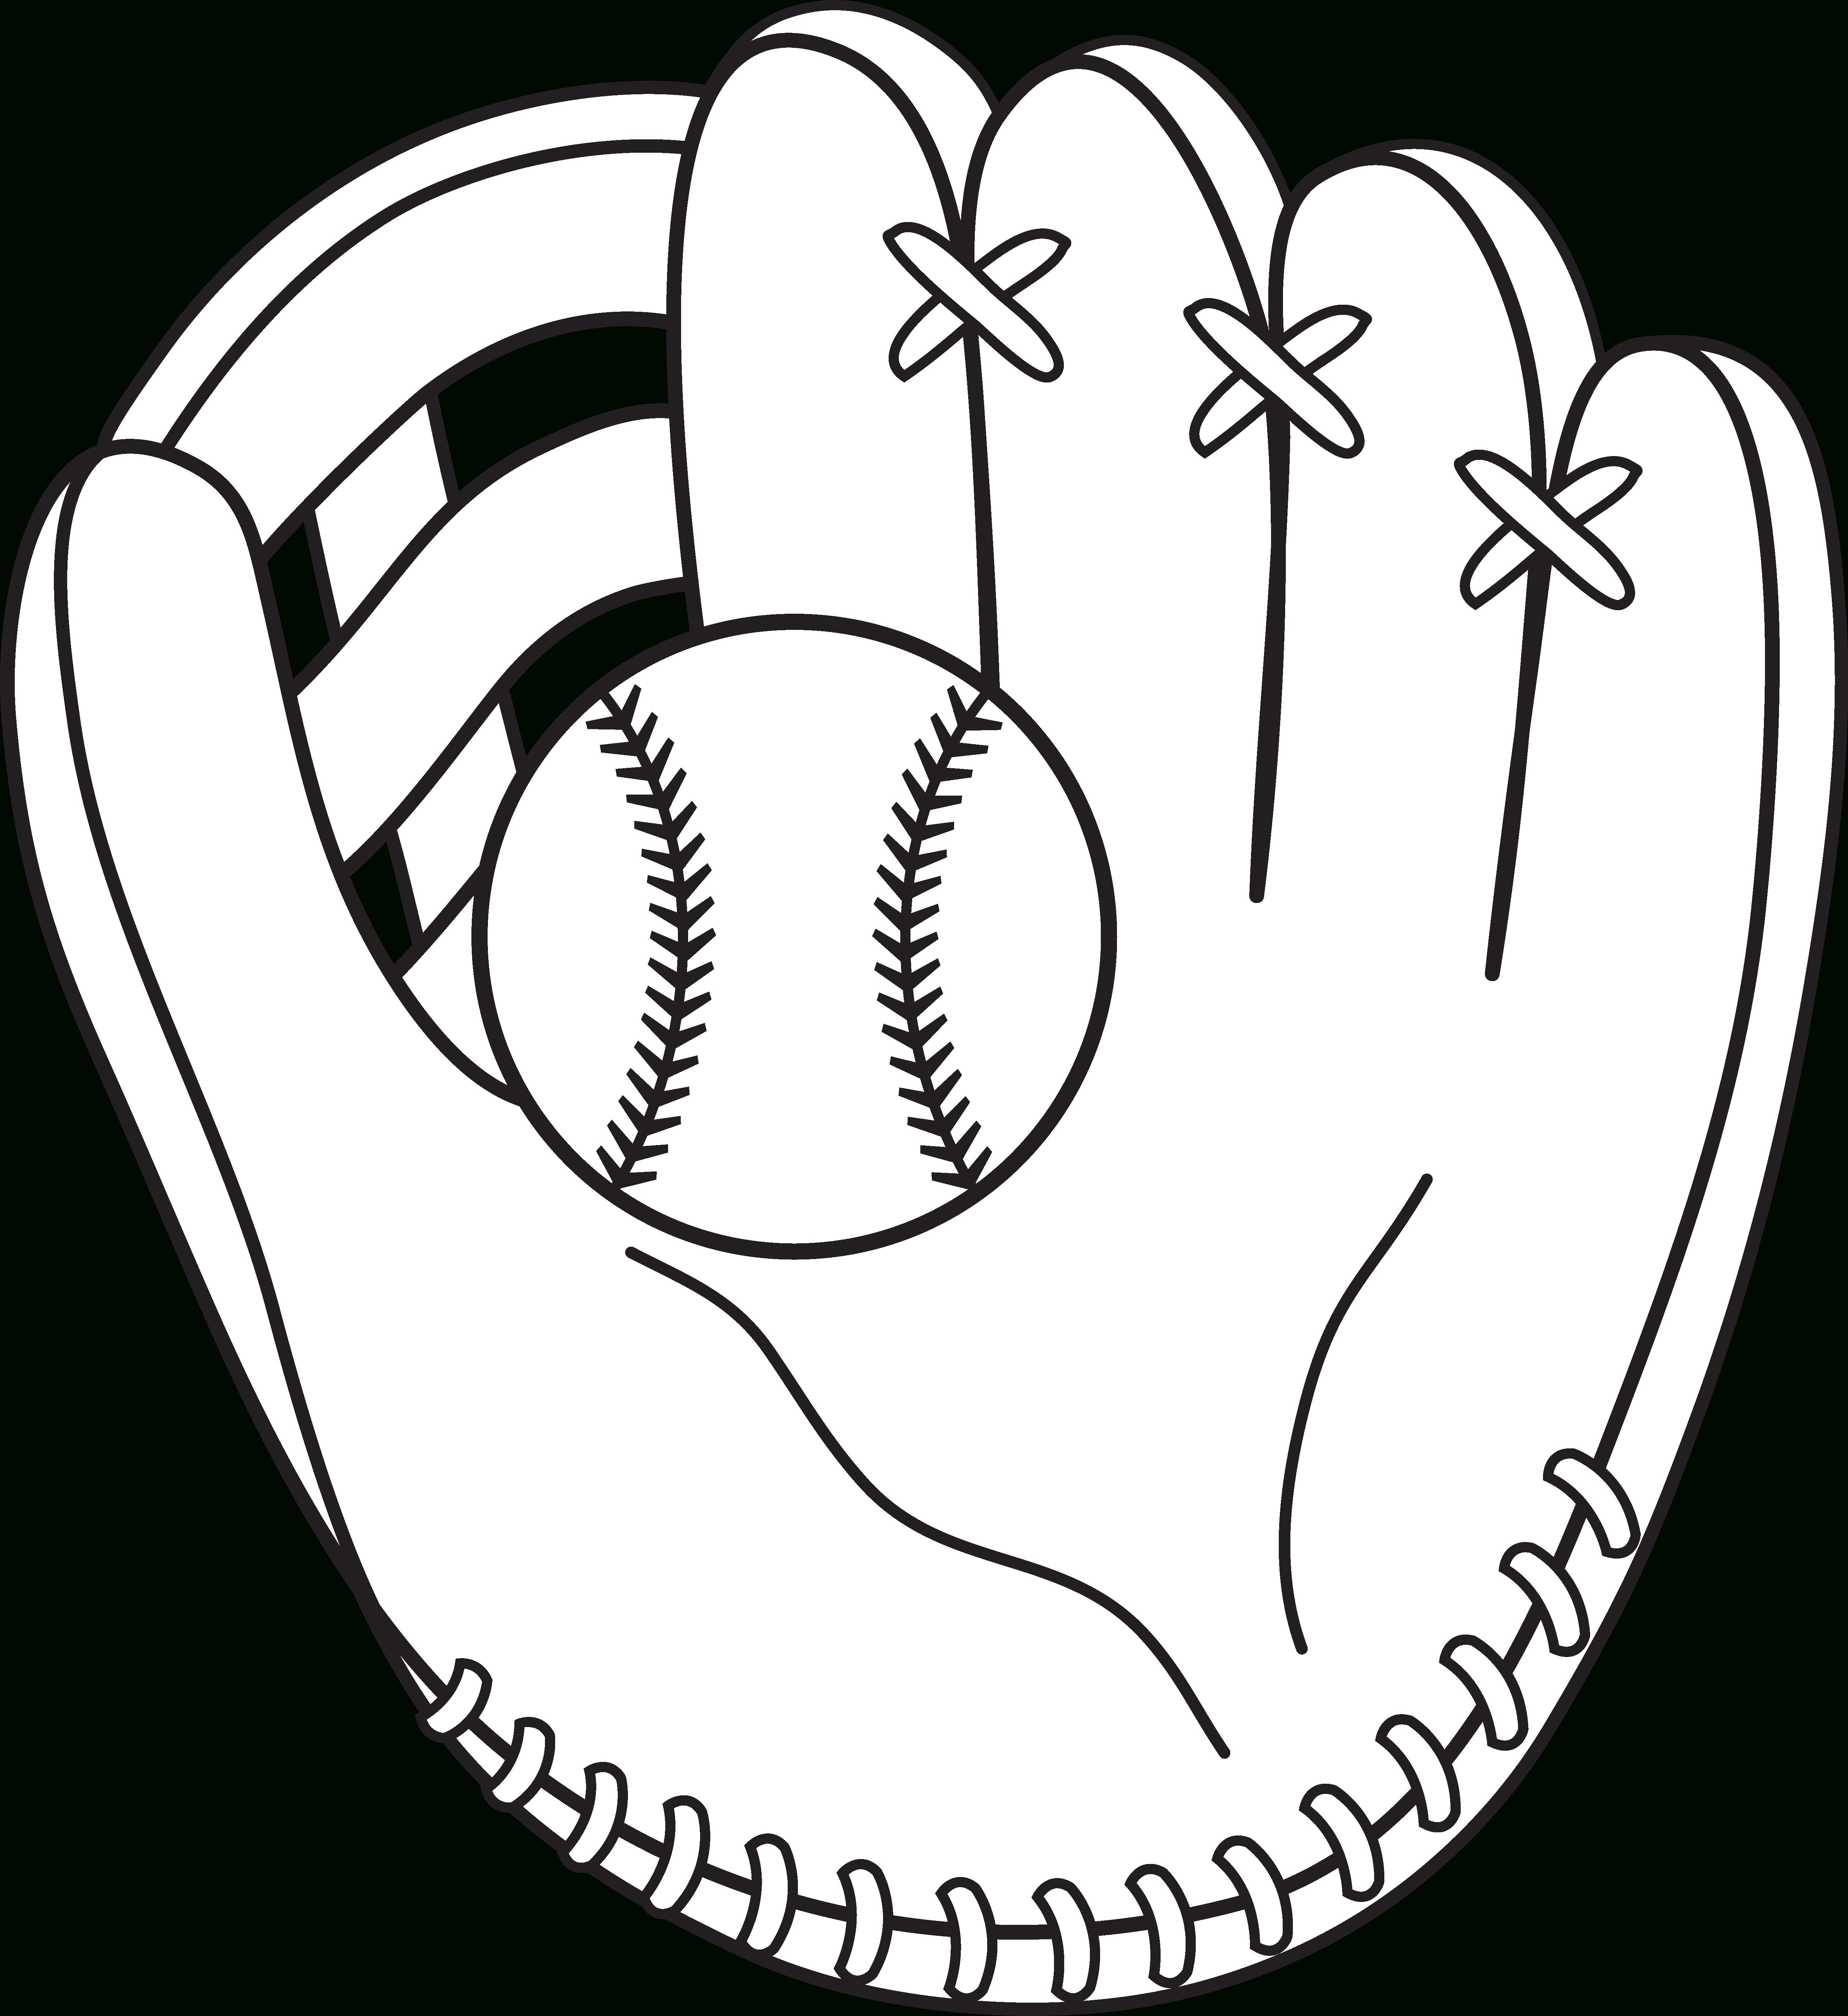 5253x5729 Baseball Cartoon Drawings Easy Things To Draw